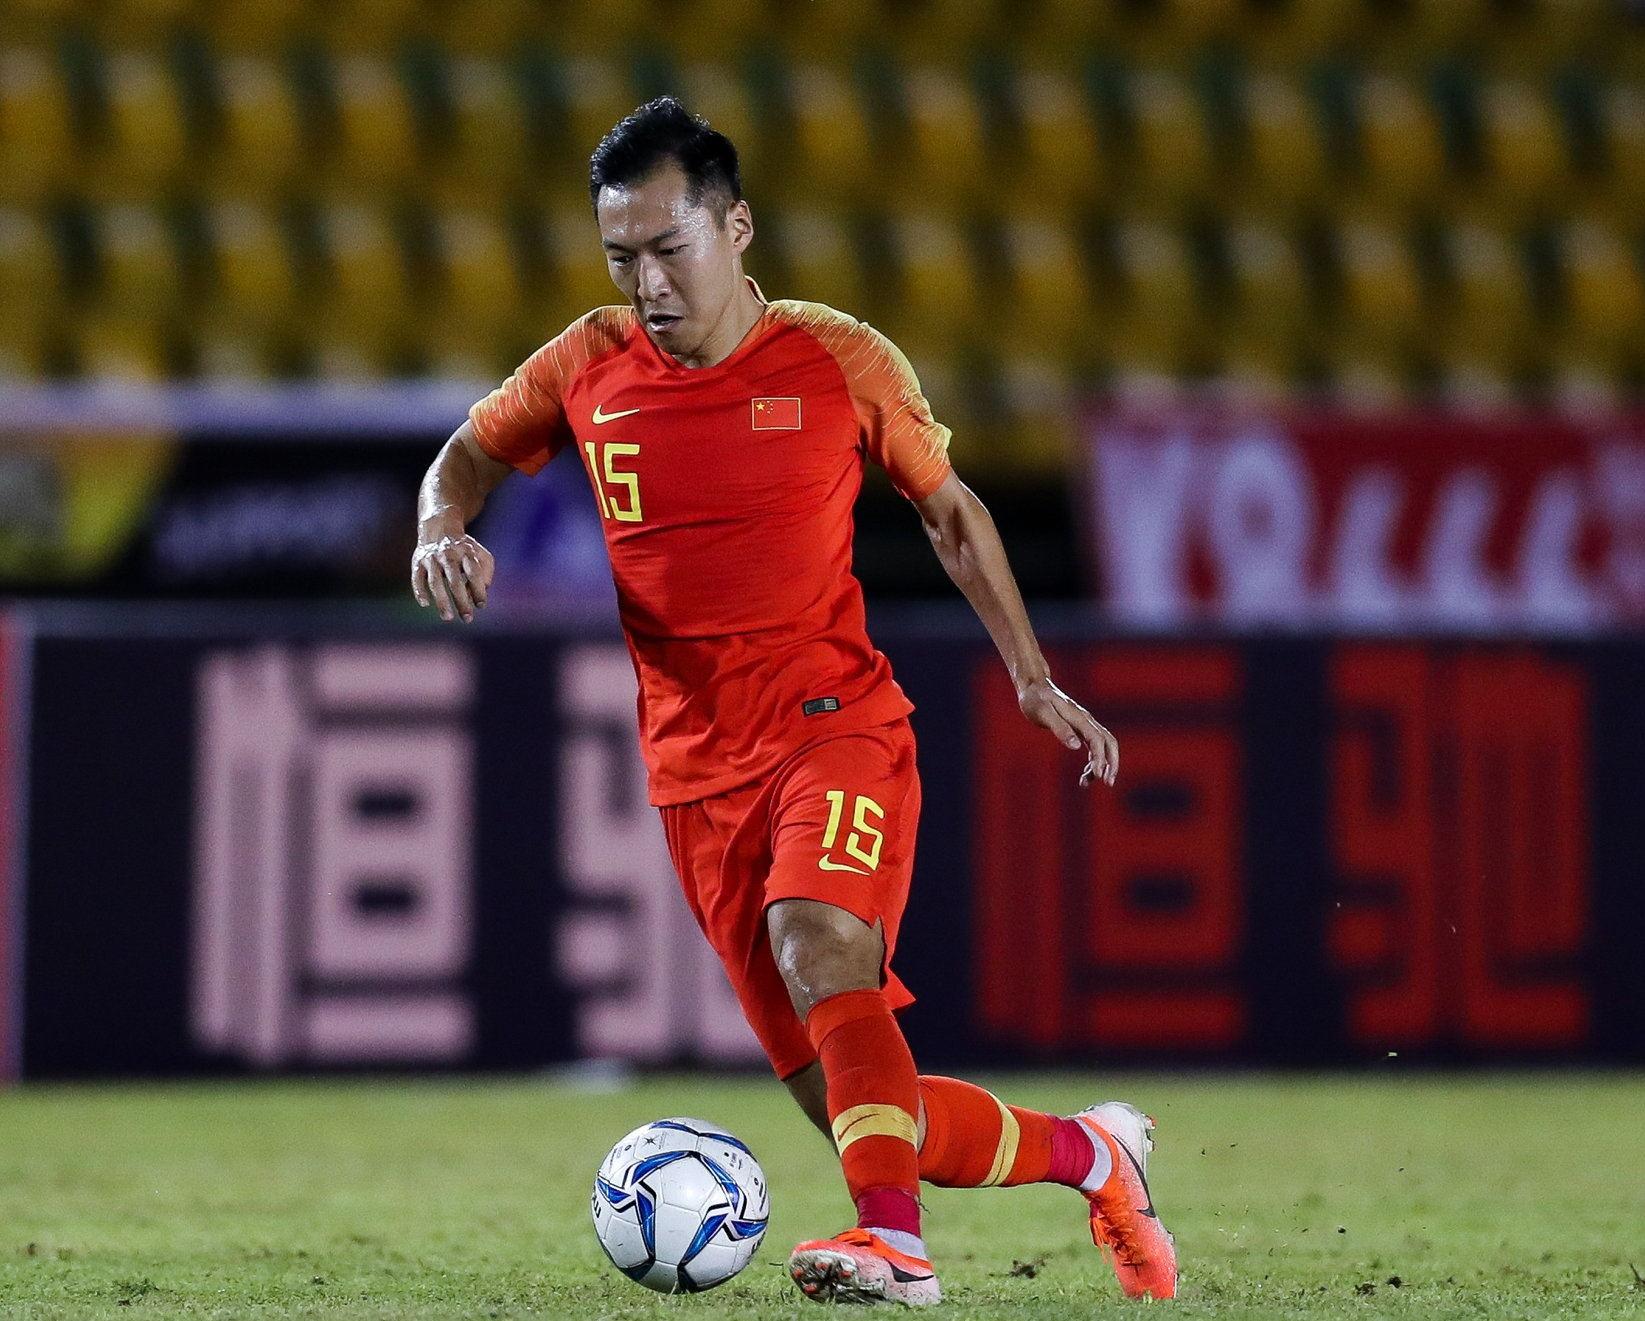 吴曦:如果能够想去踢英超 遗憾是没能帮国足进入世界杯 